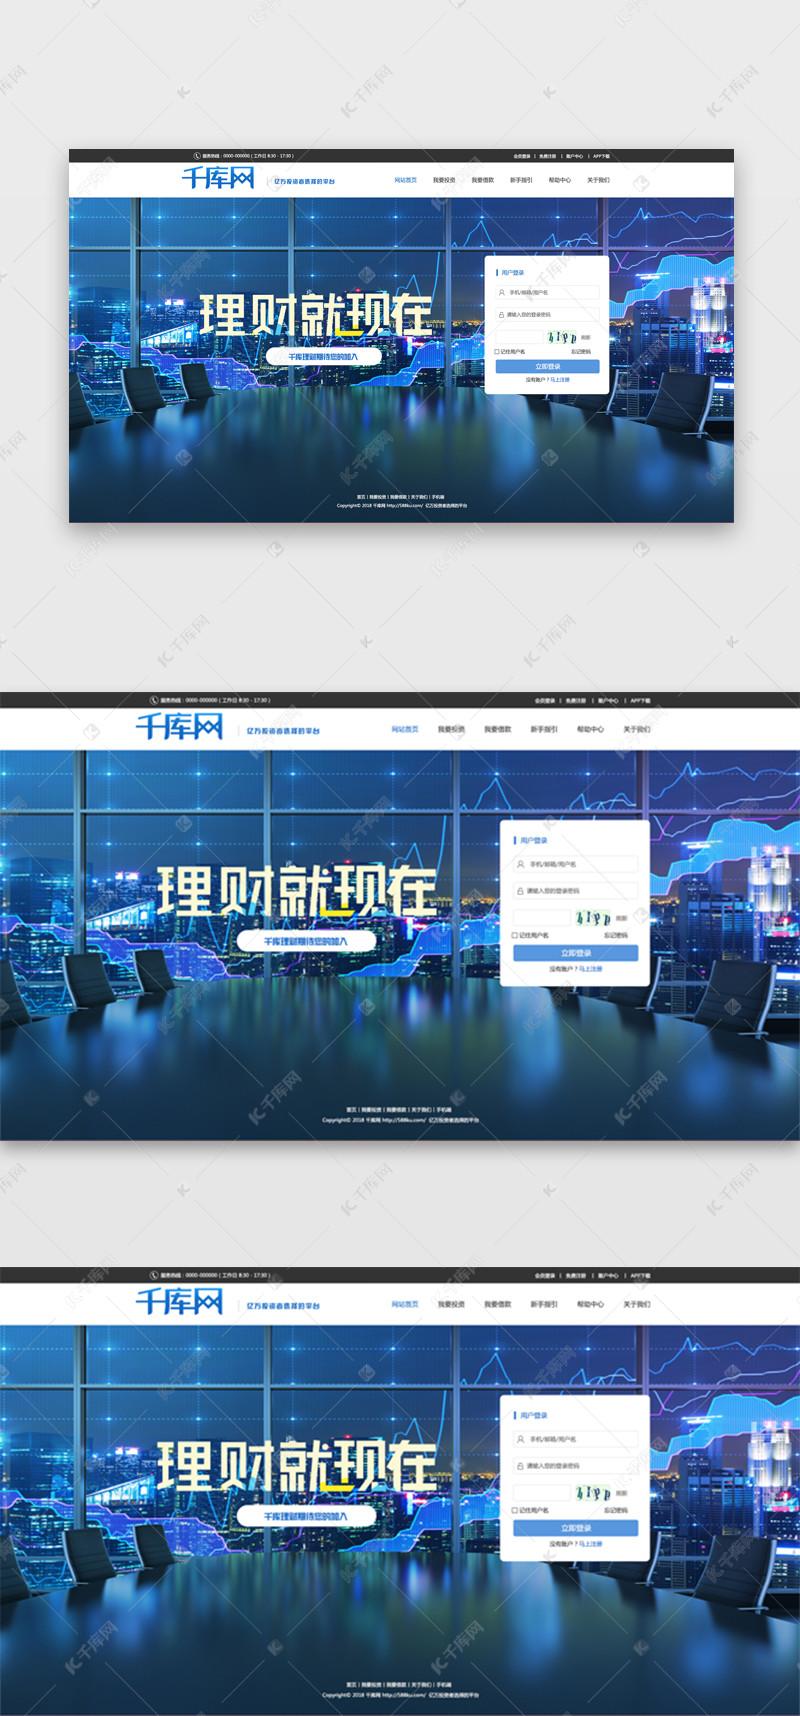 实例系页面风理财科技设计注册网站ui设计素材app的规范登录ui蓝色图片